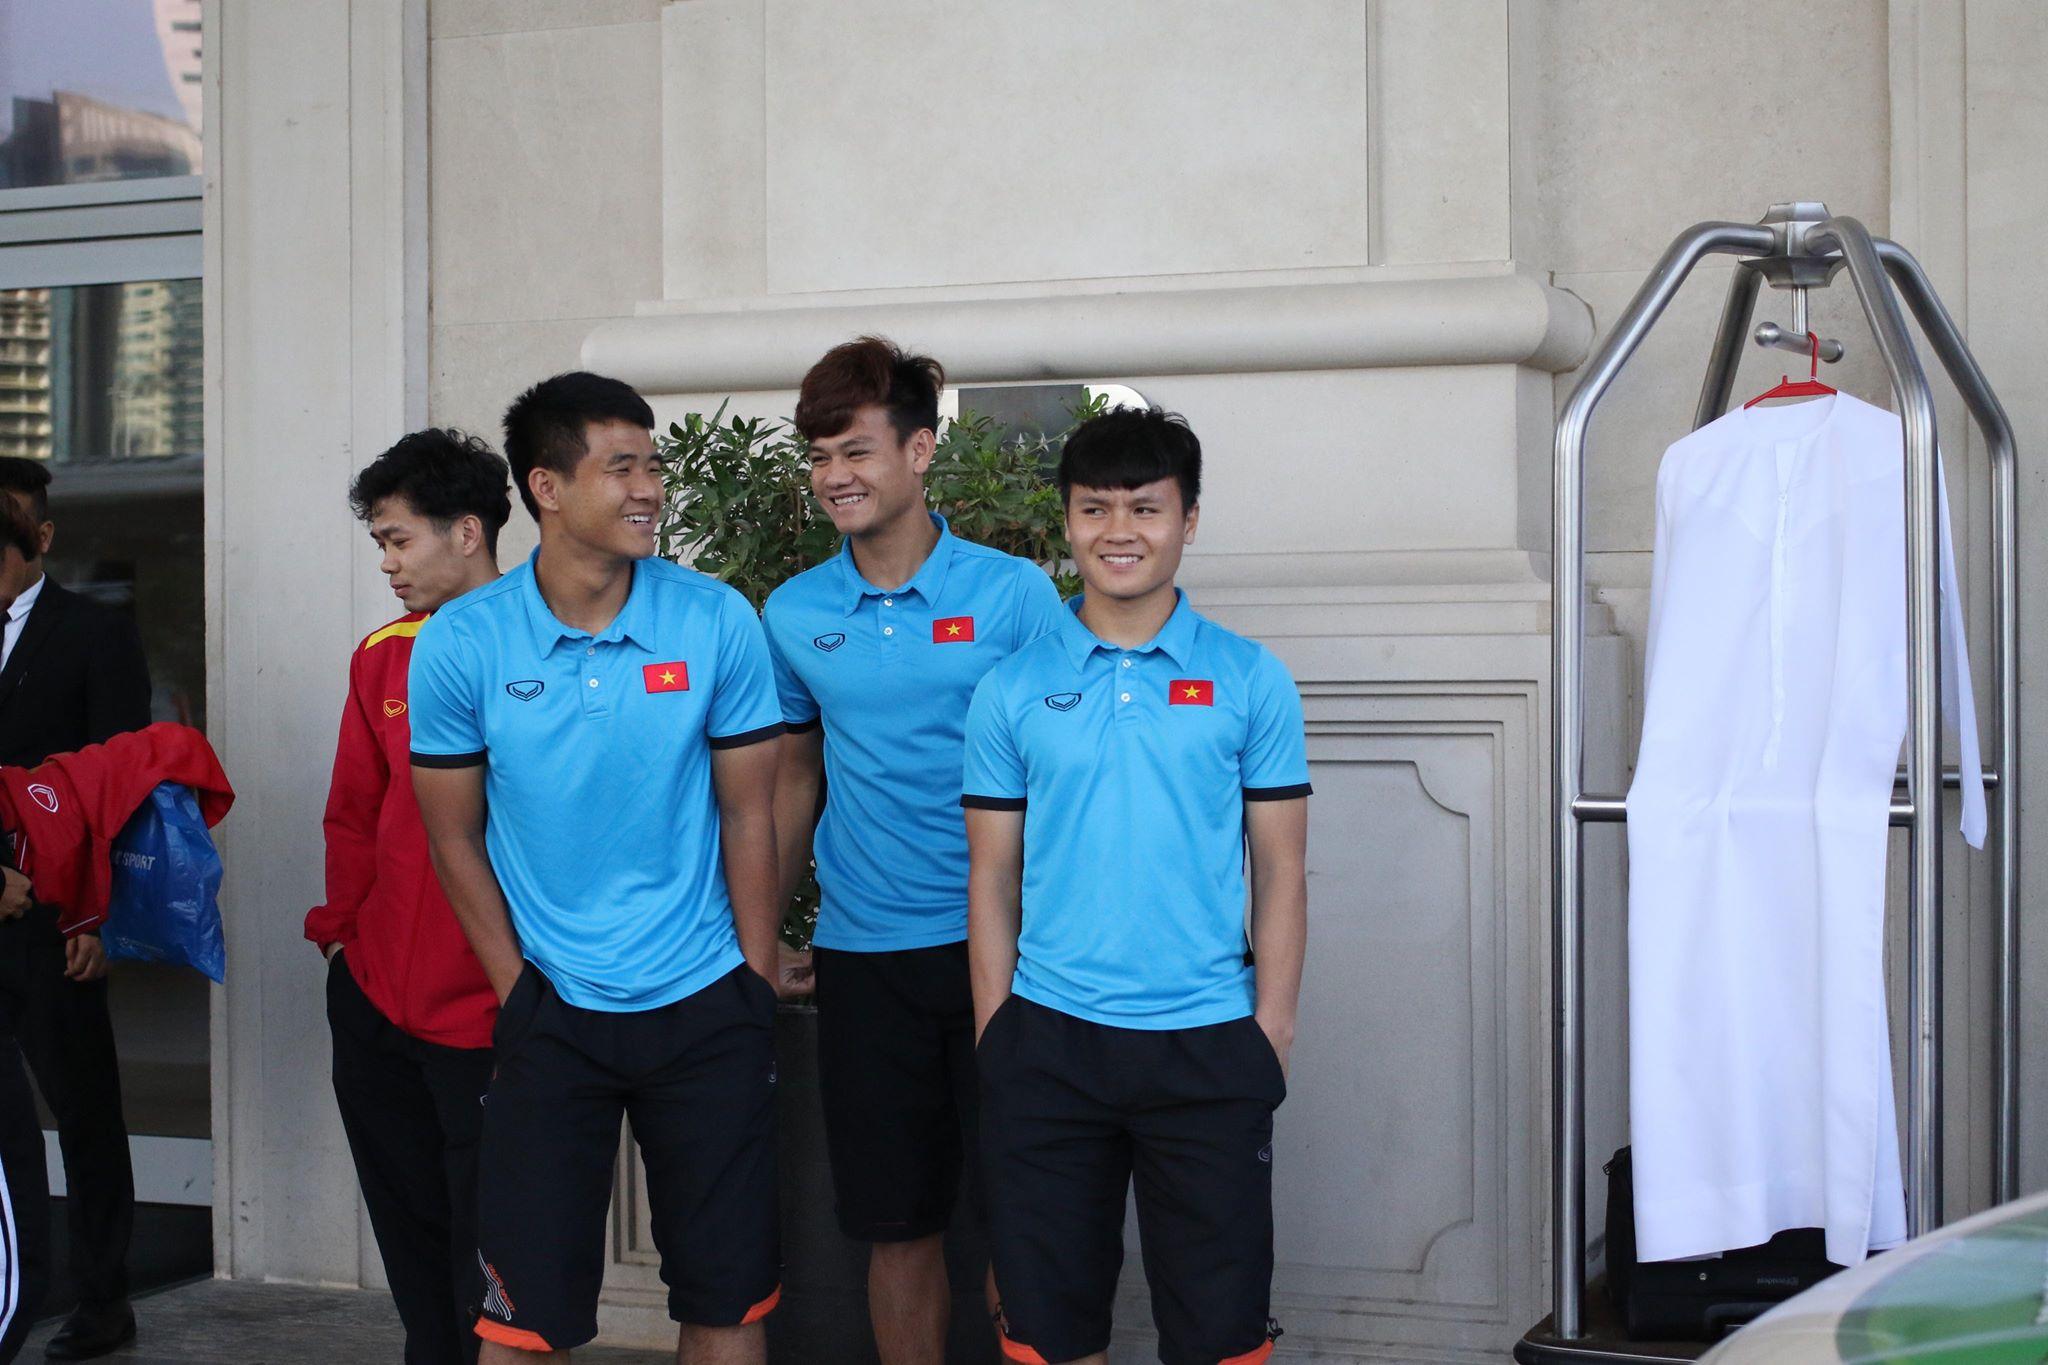 """Trước trận Tứ kết, tuyển Việt Nam được ở khách sạn sang trọng bậc nhất """"xứ sở dát vàng"""" - 1"""